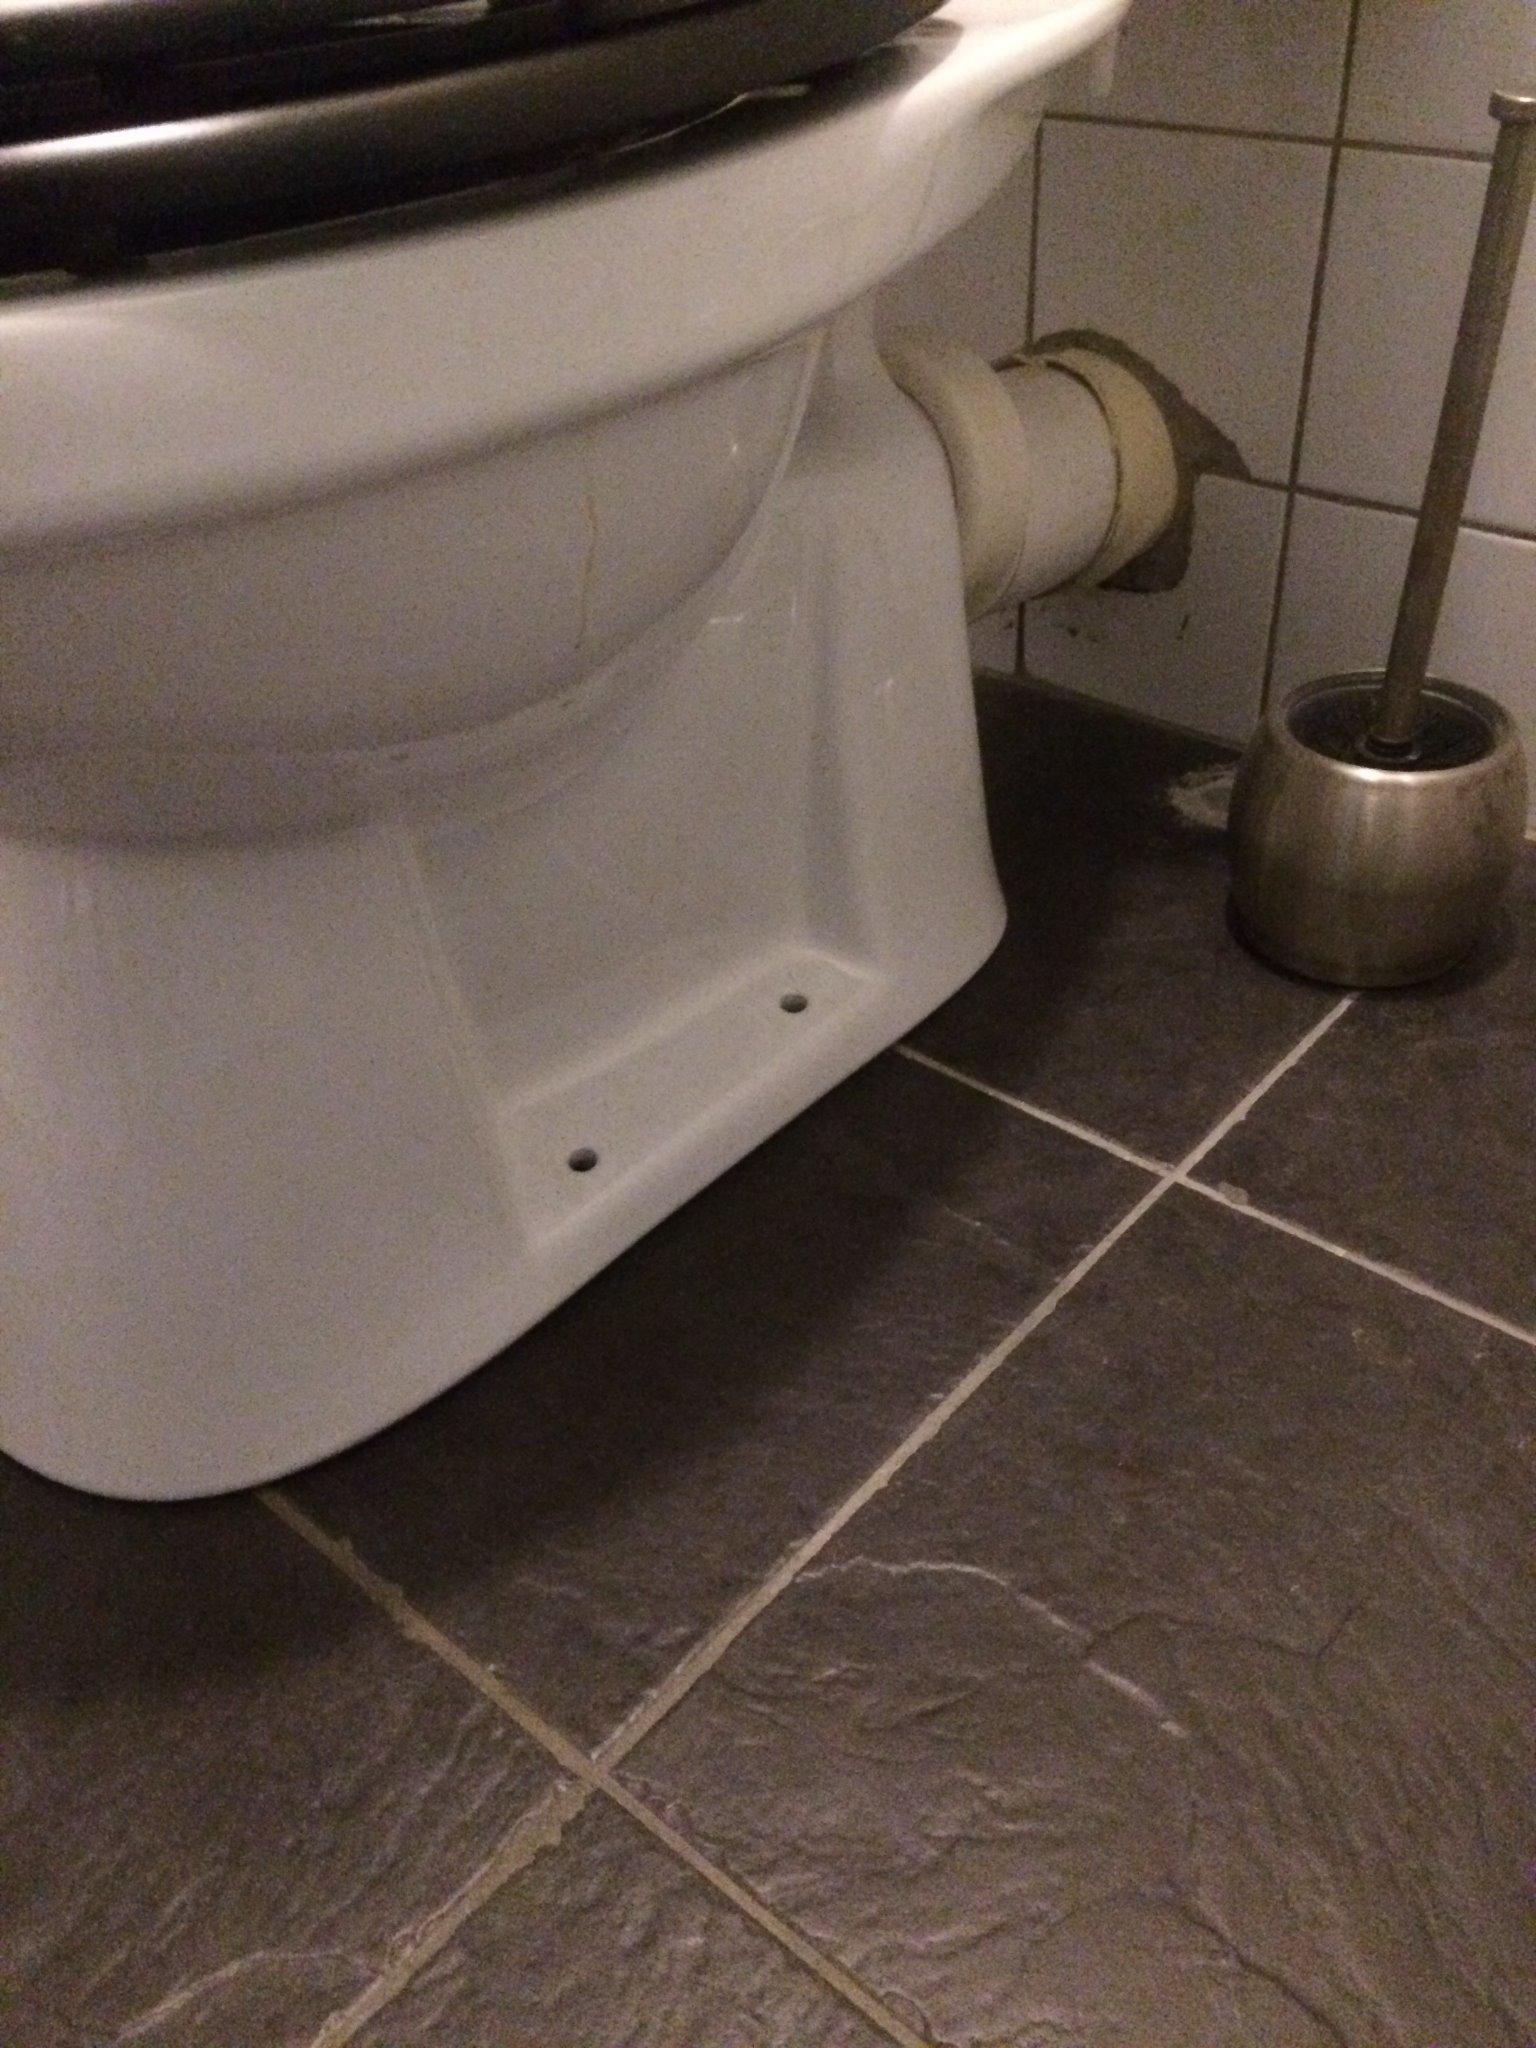 Staande Wc Pot Vastzetten.Toiletpot Vastzetten Aan Vloer Werkspot